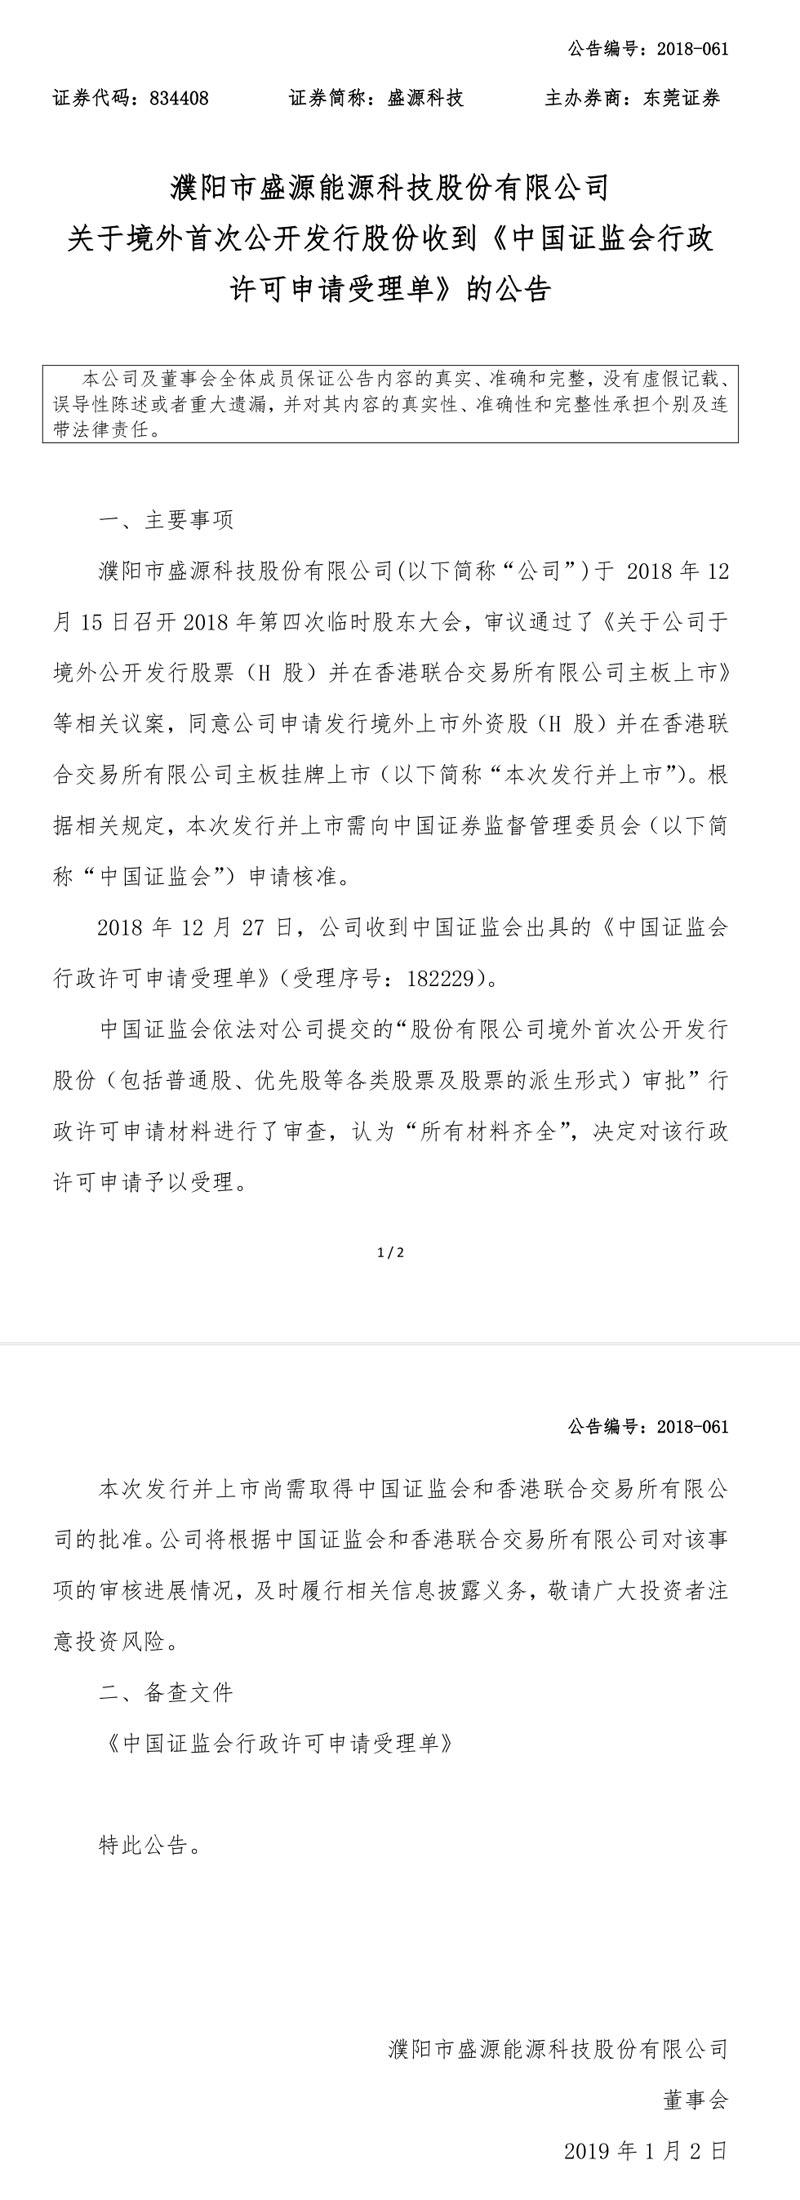 新三板+H:盛源科技港交所上市获证监会受理